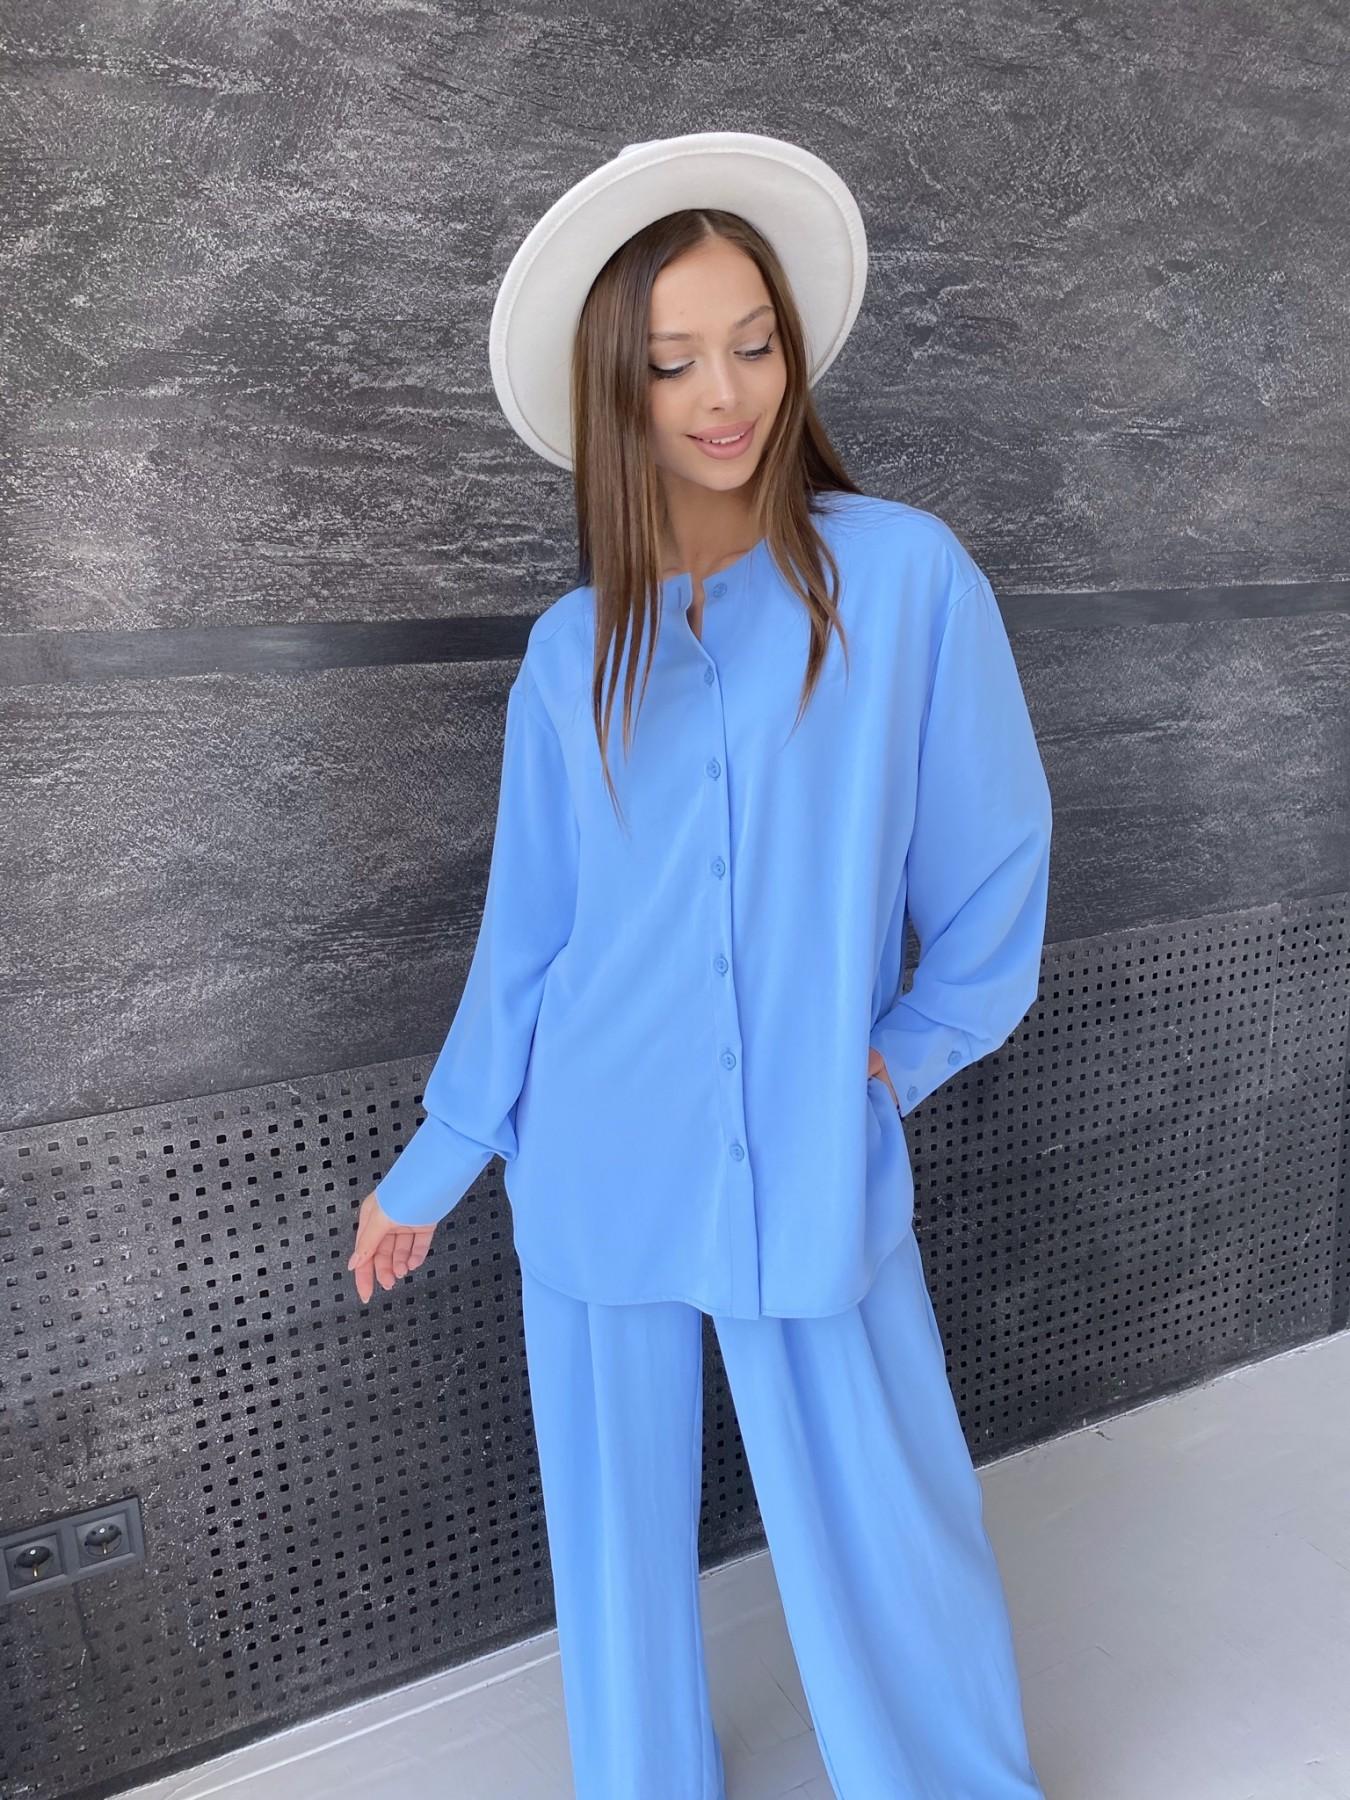 Карите костюм из американского крепа 11380 АРТ. 47915 Цвет: Голубой - фото 1, интернет магазин tm-modus.ru